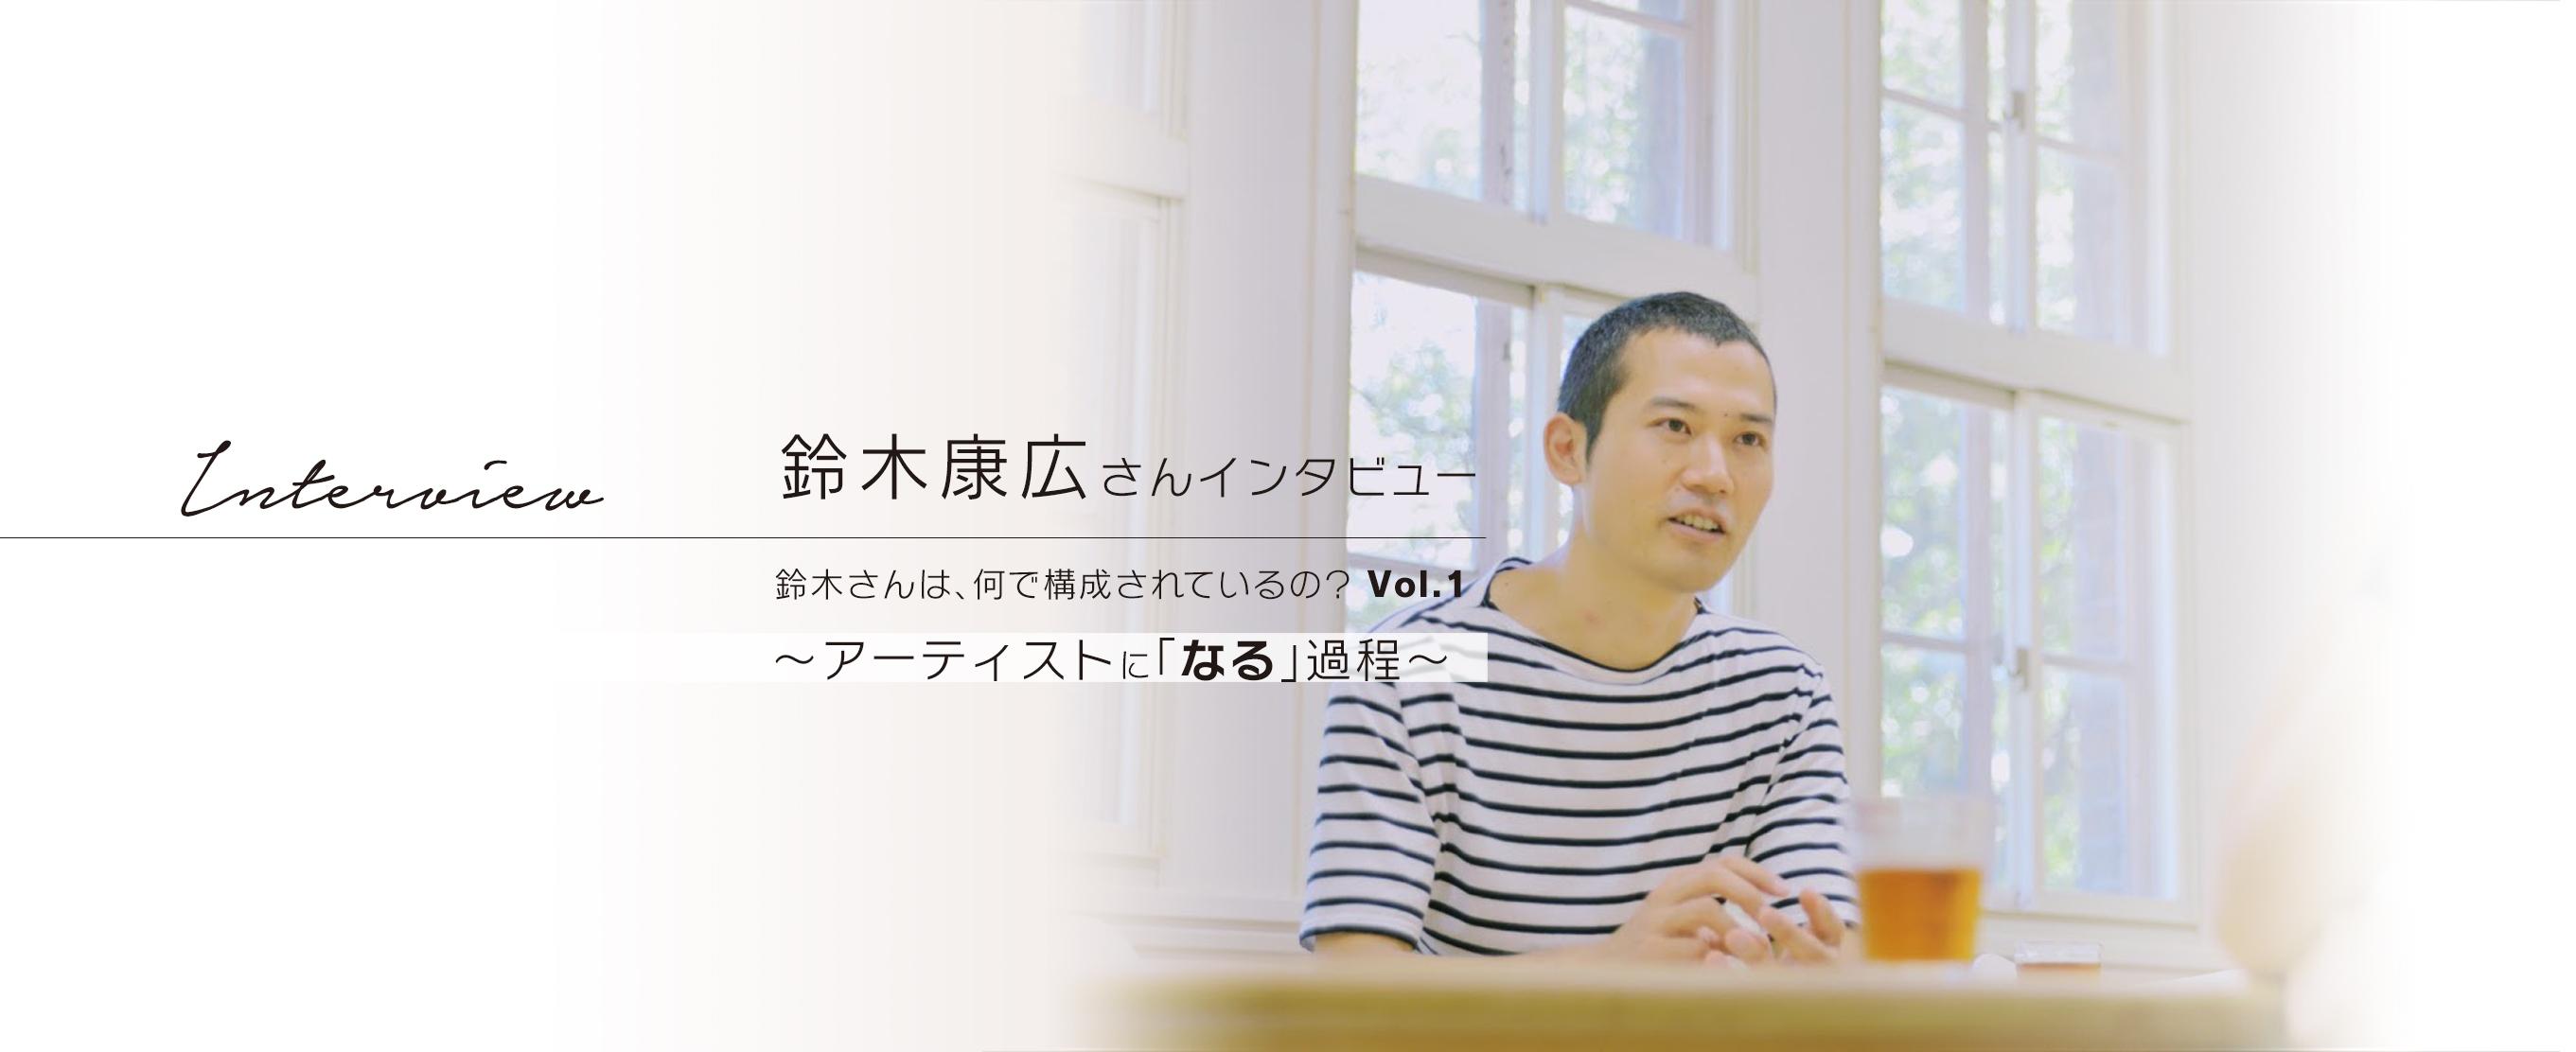 鈴木康広さんインタビュー 鈴木さんは、何で構成されているの?  Vol.1 ~アーティストに「なる」